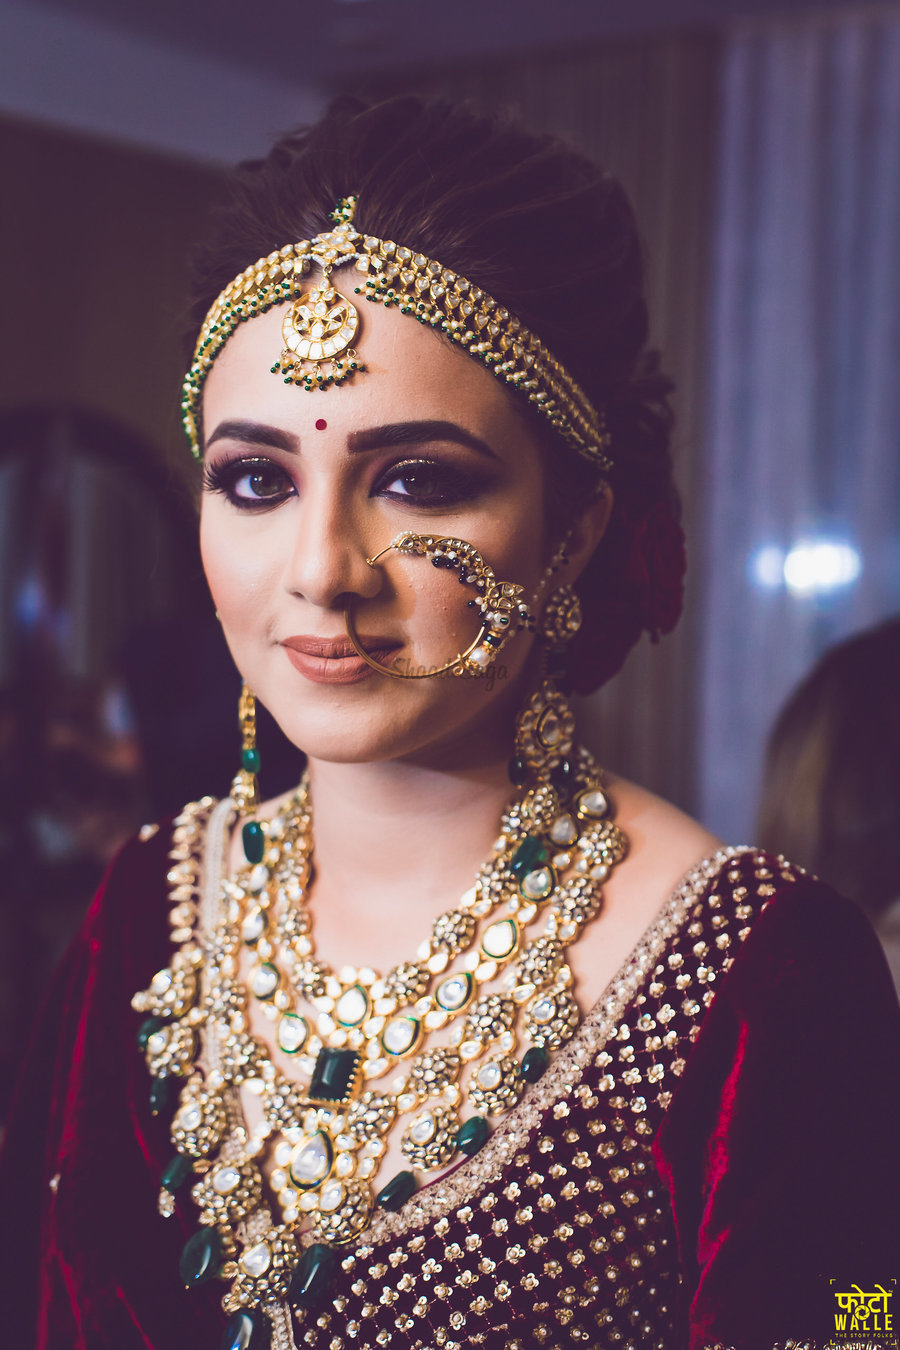 PunjabKesari, कंटेम्पेरी ब्राइड्स के लिए गॉर्जियस माथा पट्टी इमेज